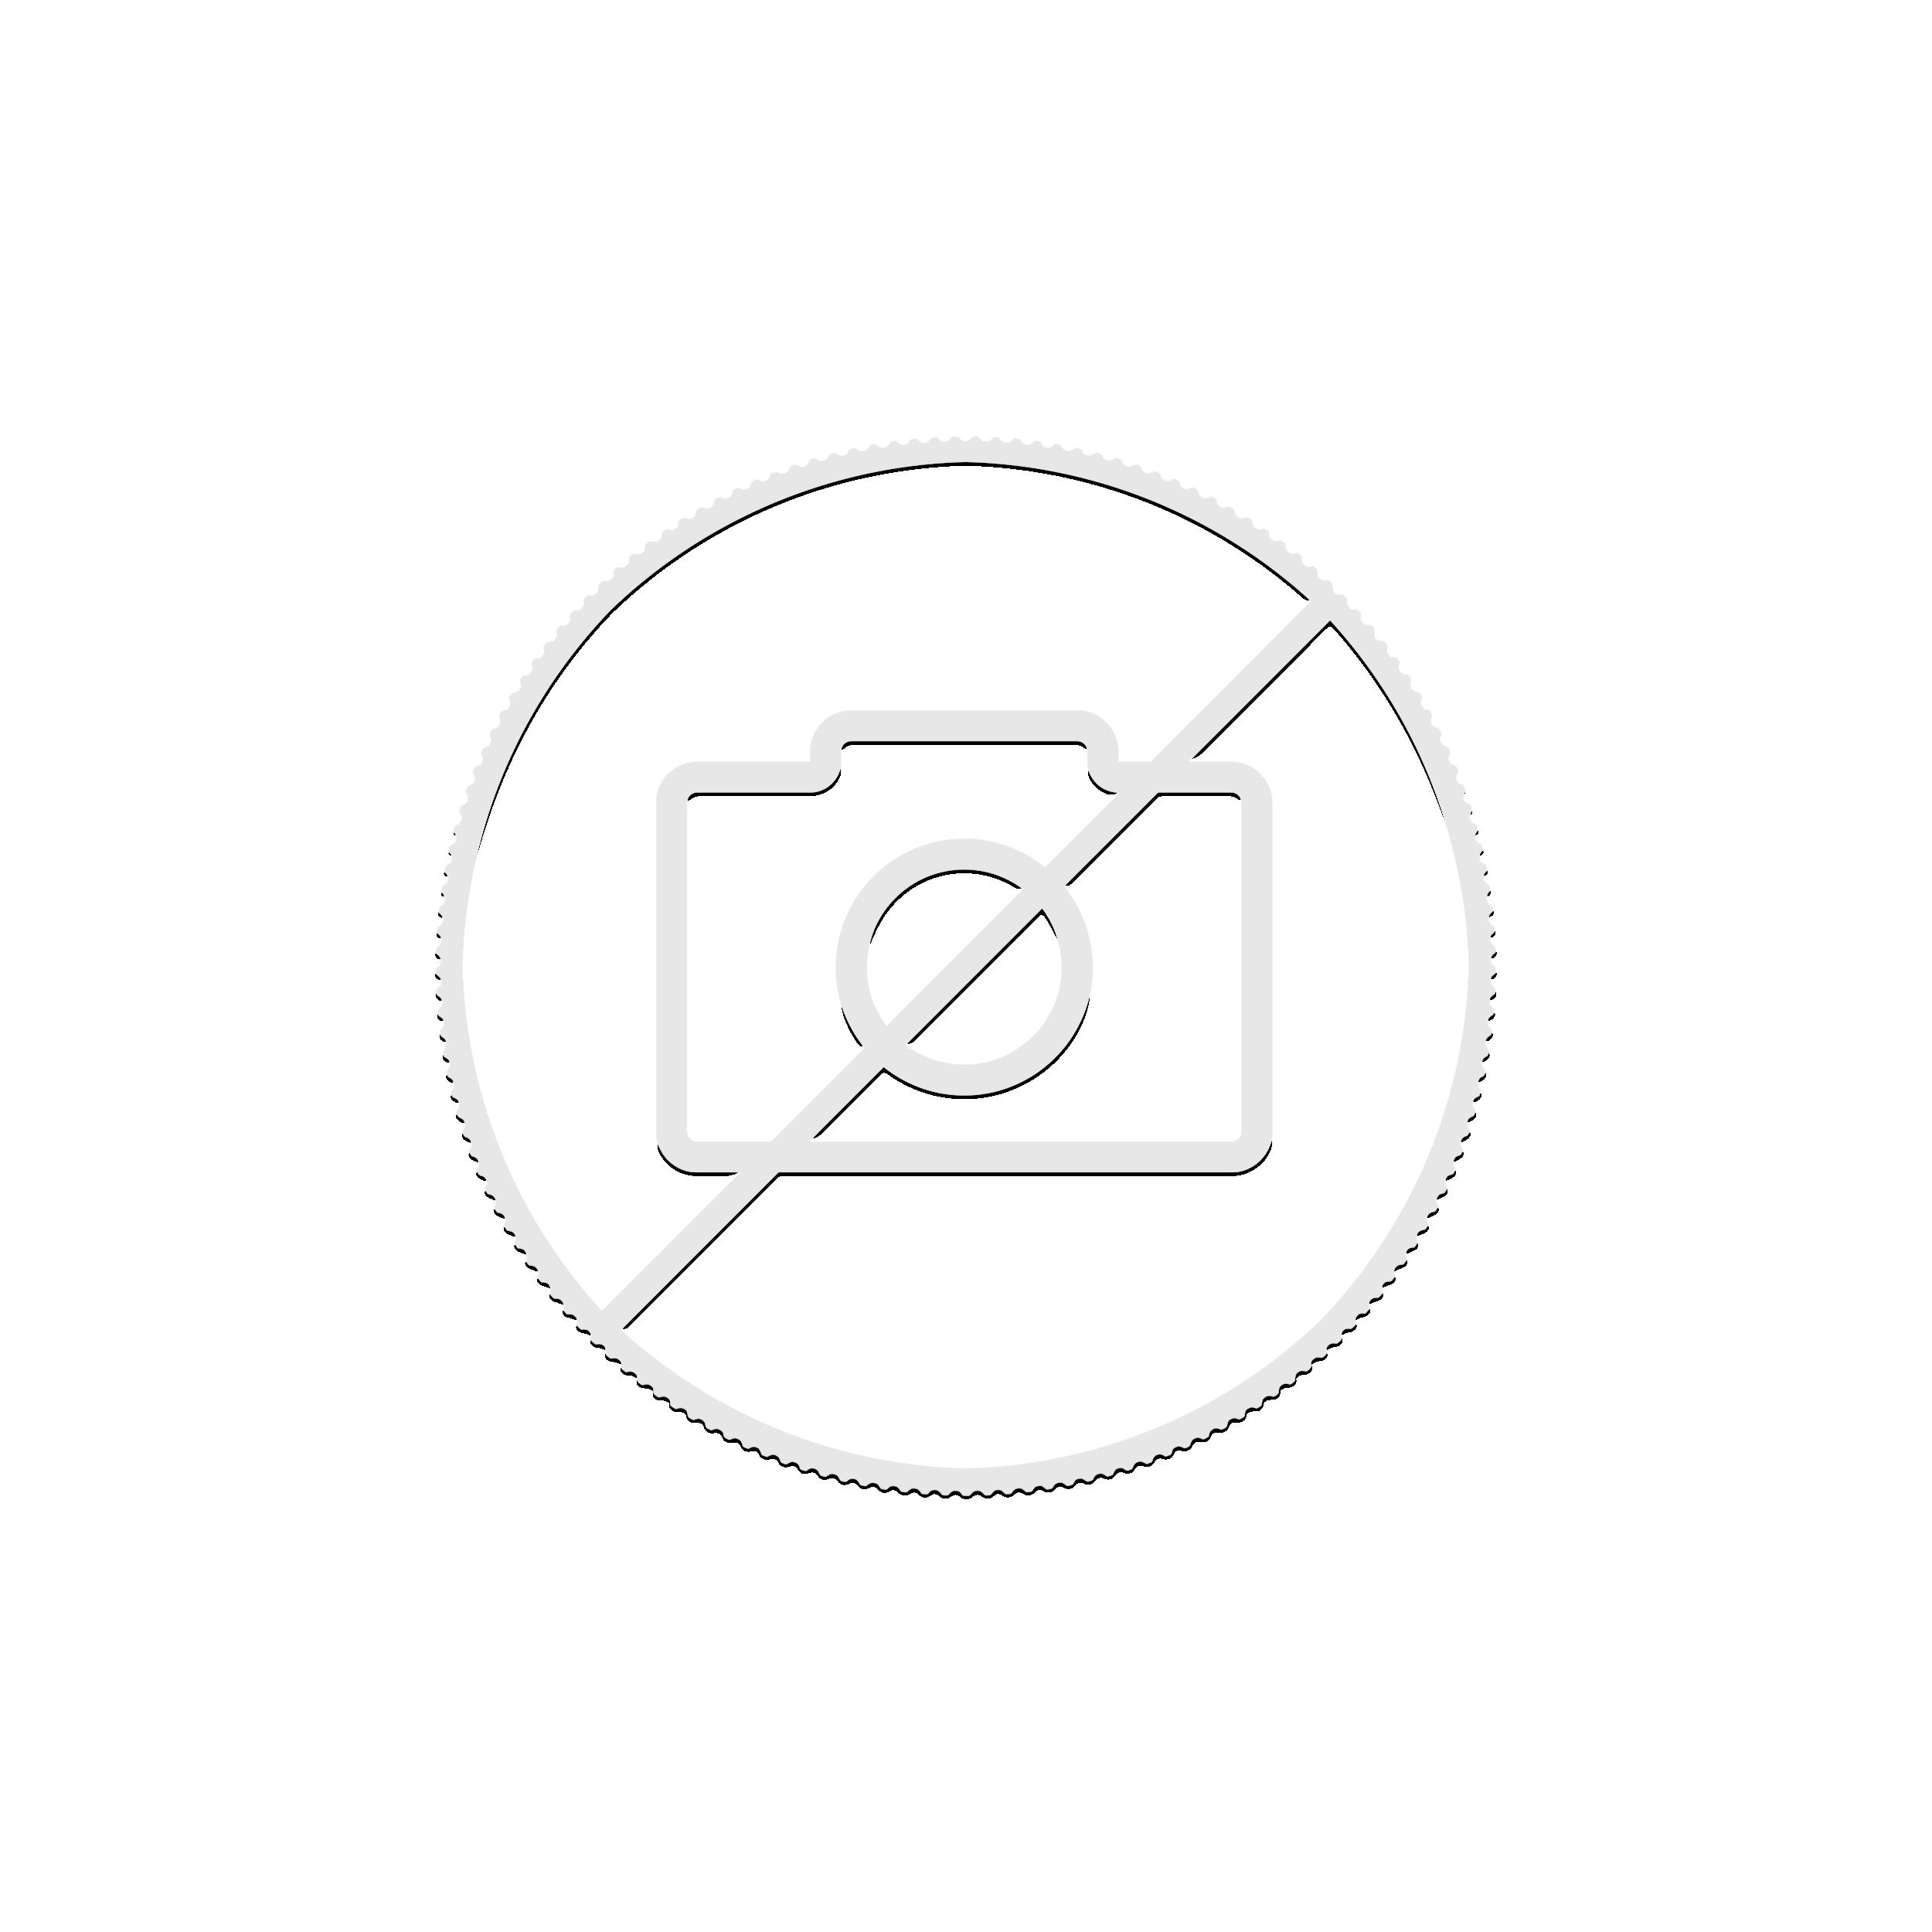 1/4 Troy ounce gold coin Kangaroo